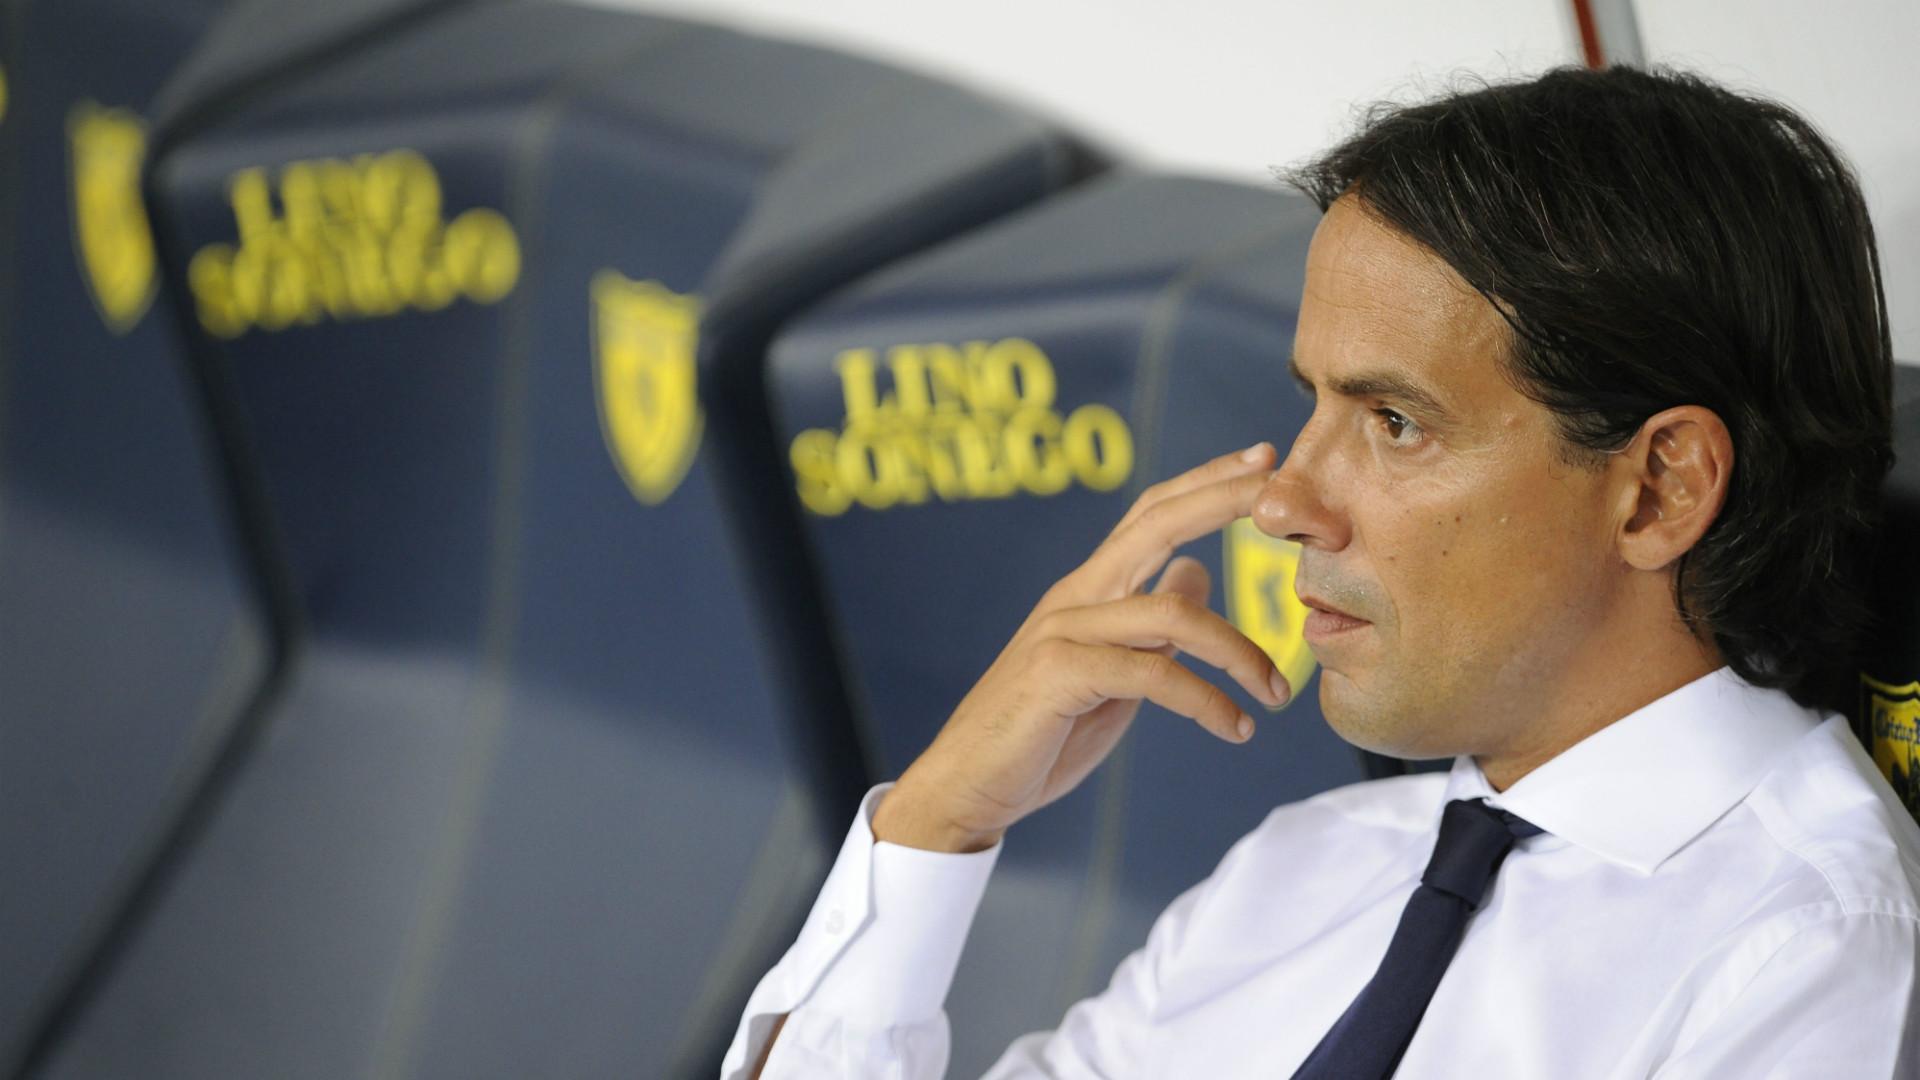 Spettacolo Napoli, all'Olimpico è MaraMertens: 4-1 alla Lazio